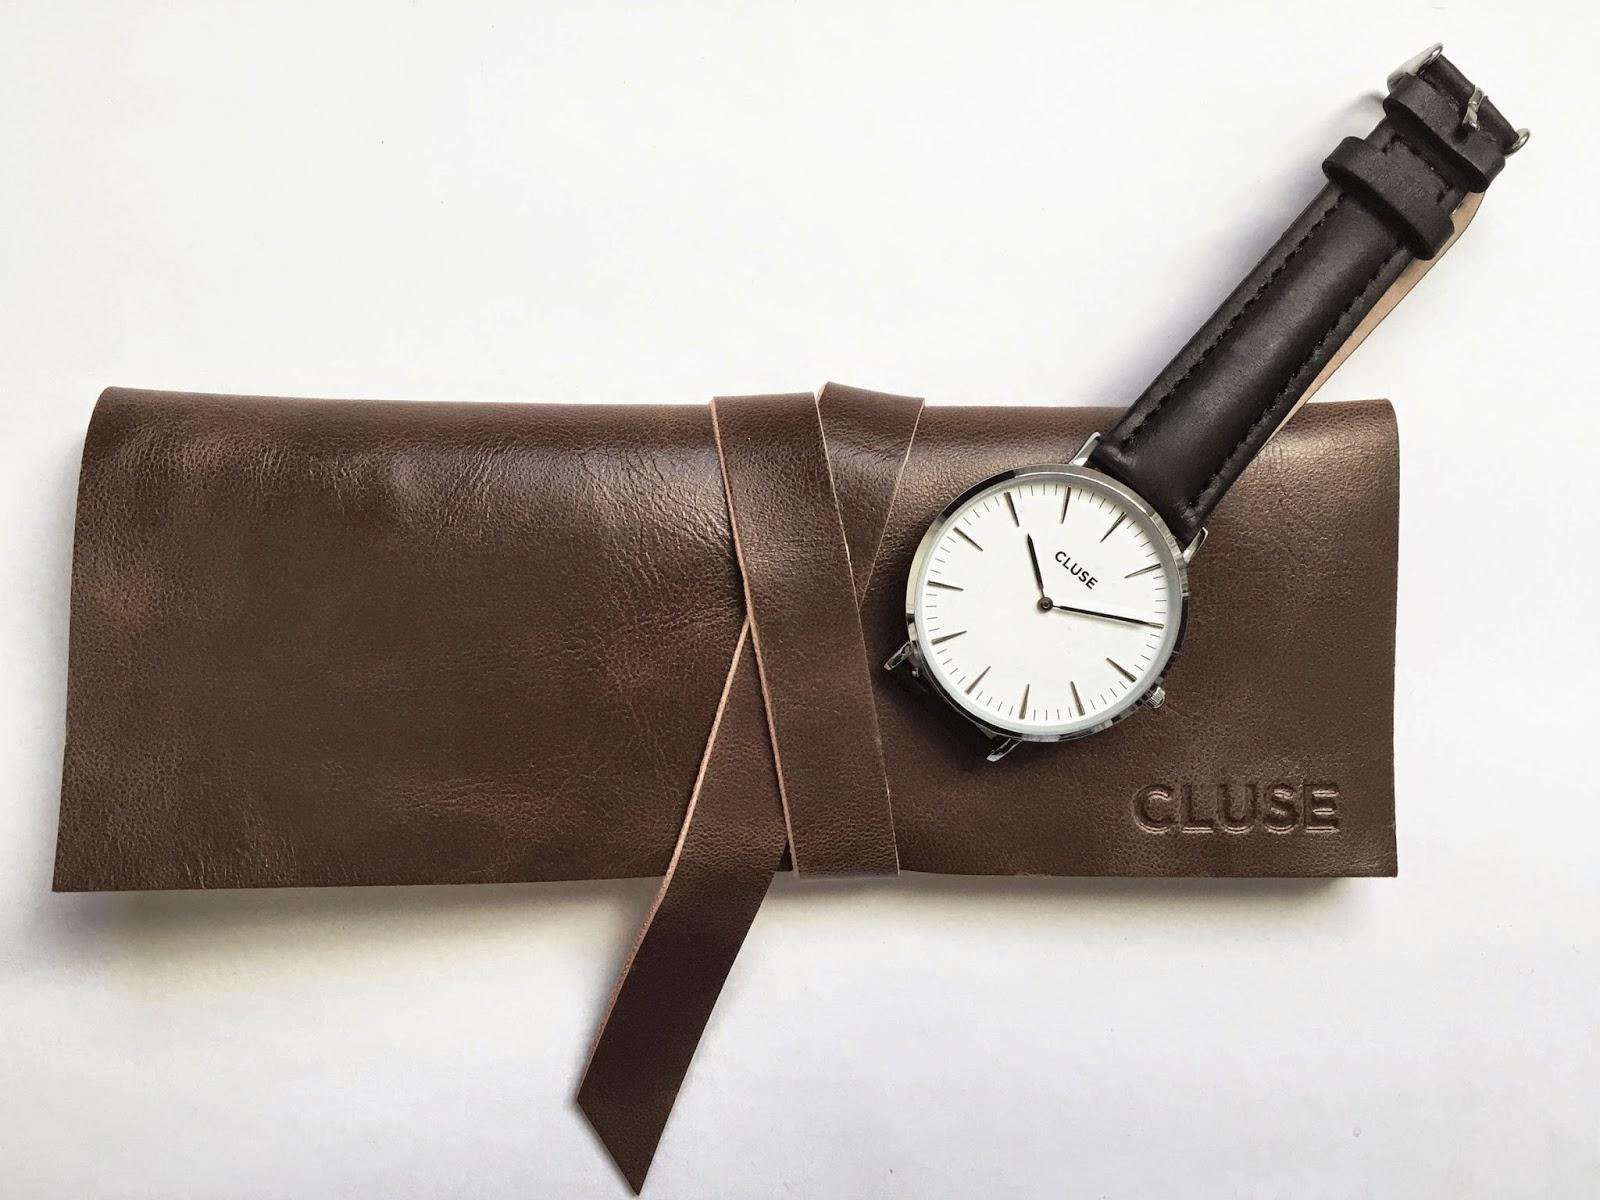 47f1c13240d Mijn nieuwe Cluse horloge   Zeeuws modemeisje   Bloglovin'